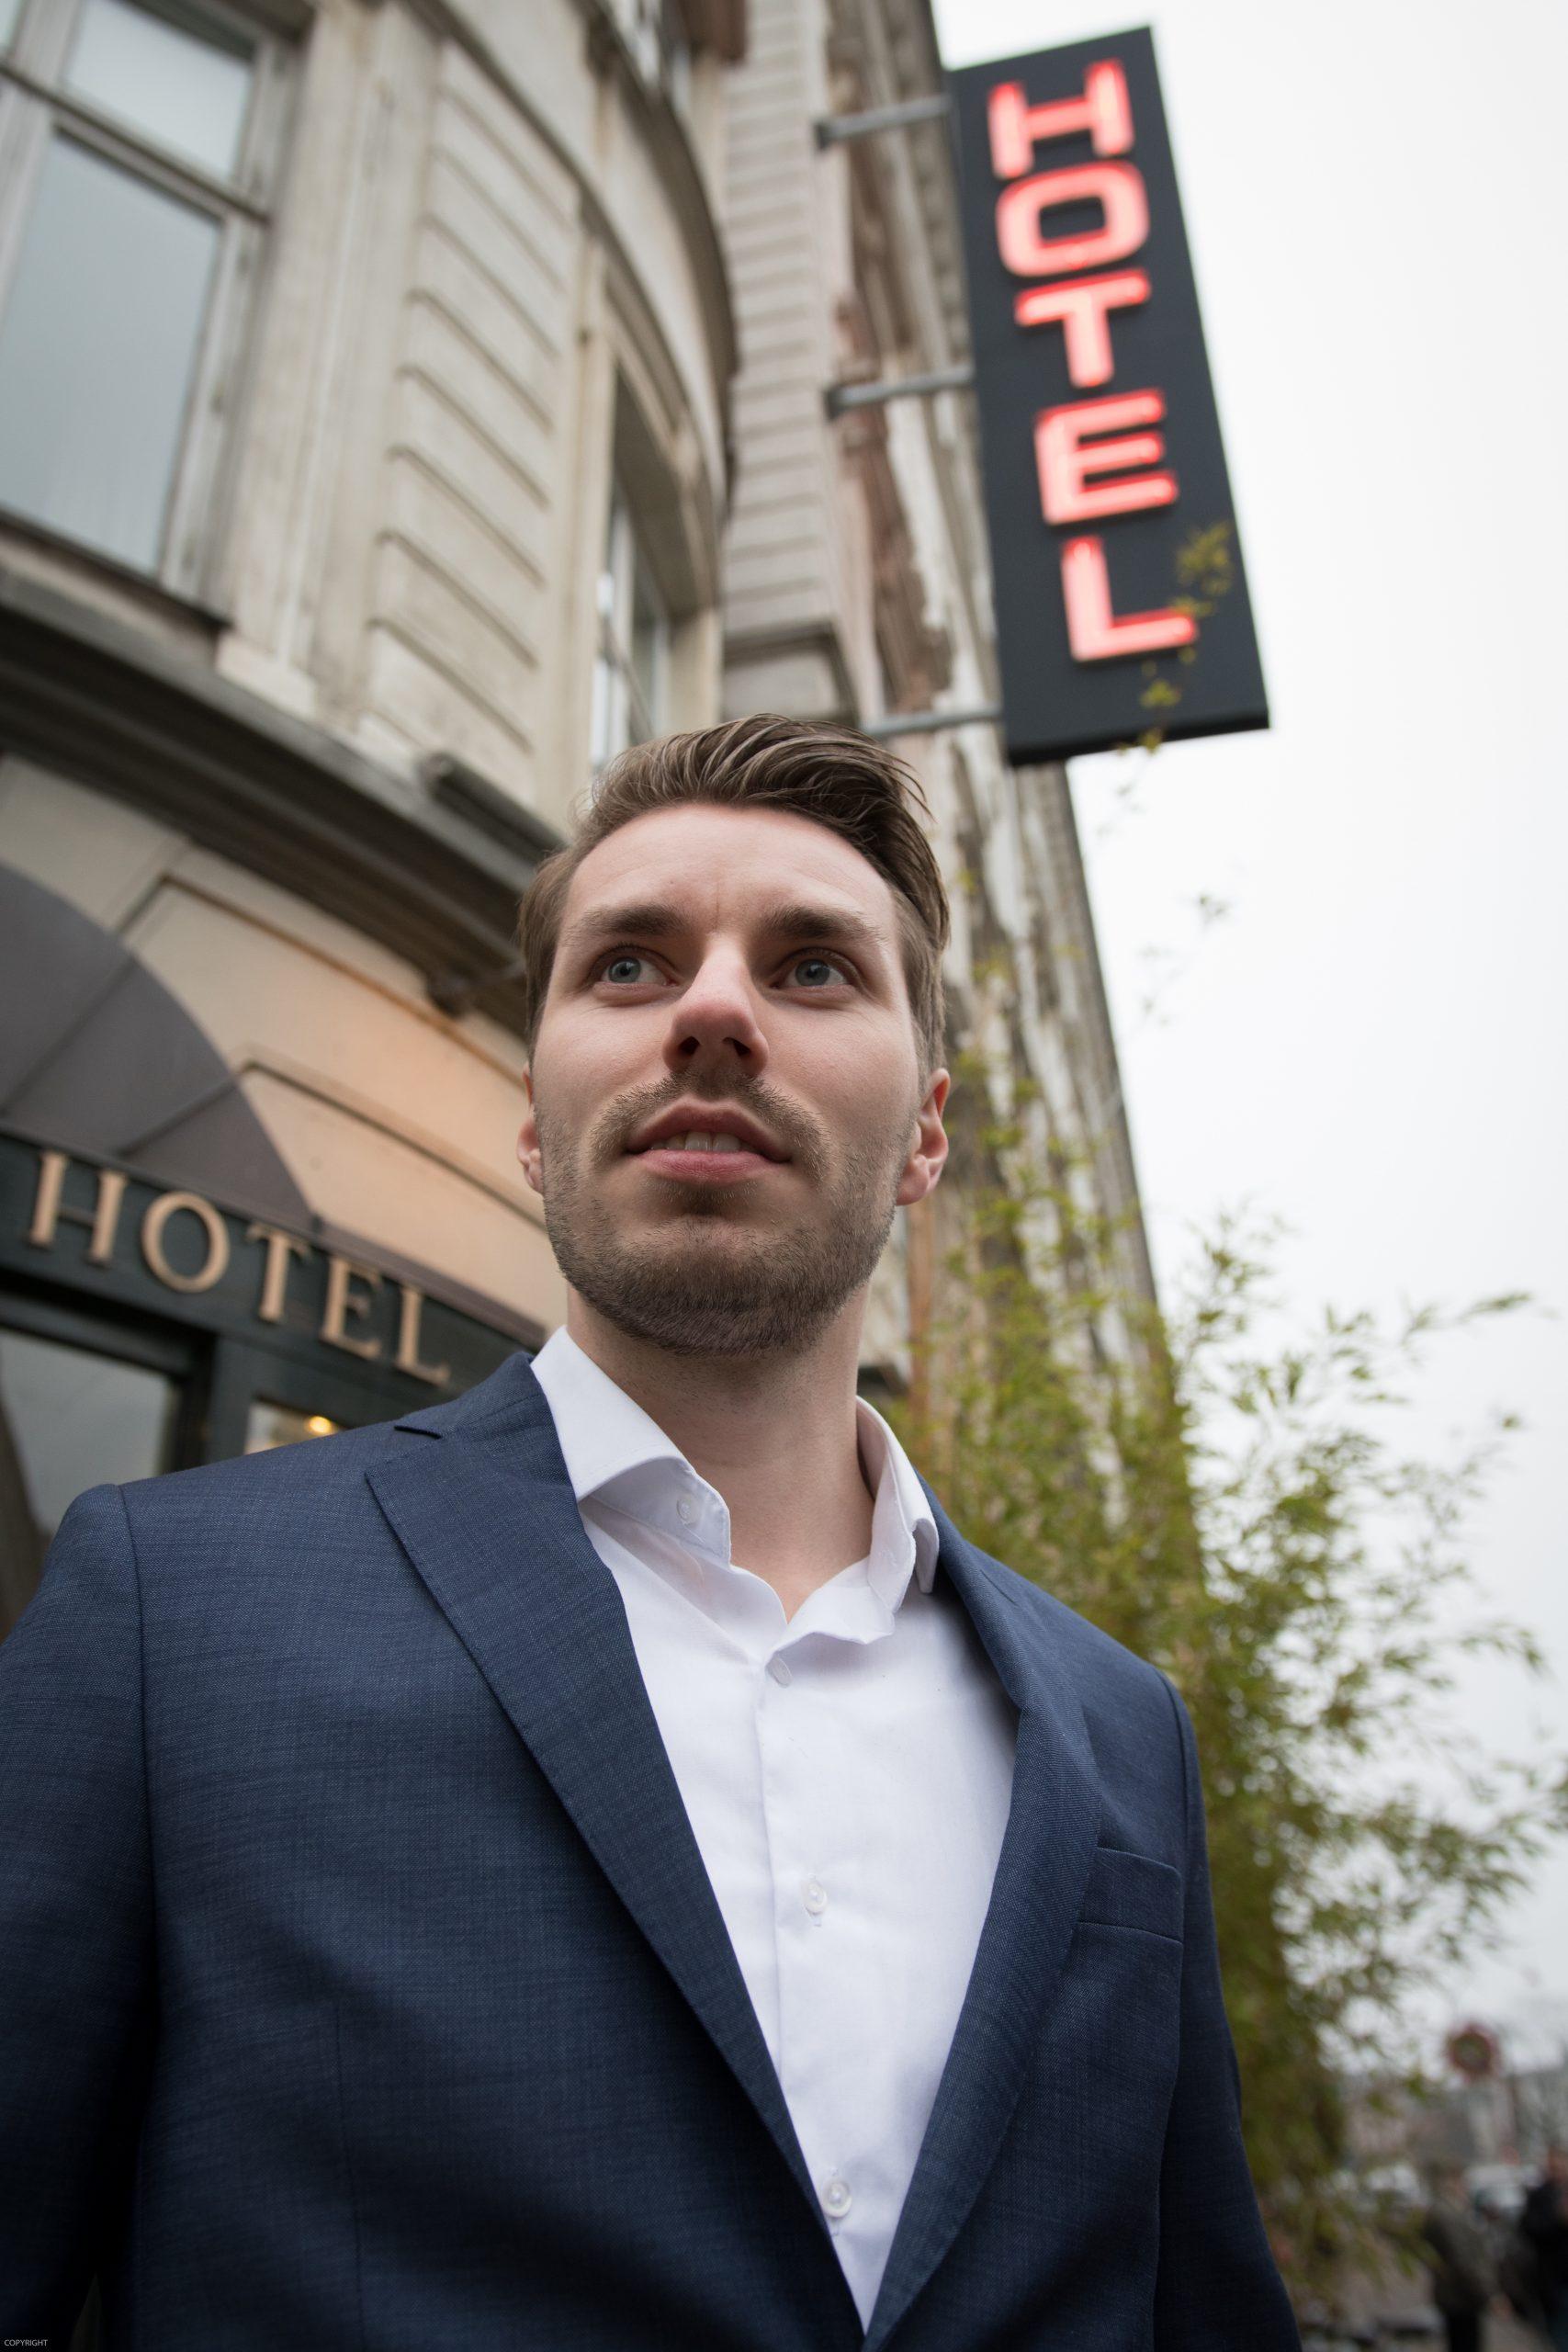 Service kan ikke læres, det ligger i dit dna, siger Stefan Sjørslev, hotelchef på Ibsens Hotel i København. (Foto: Lars Bo Axelholm)